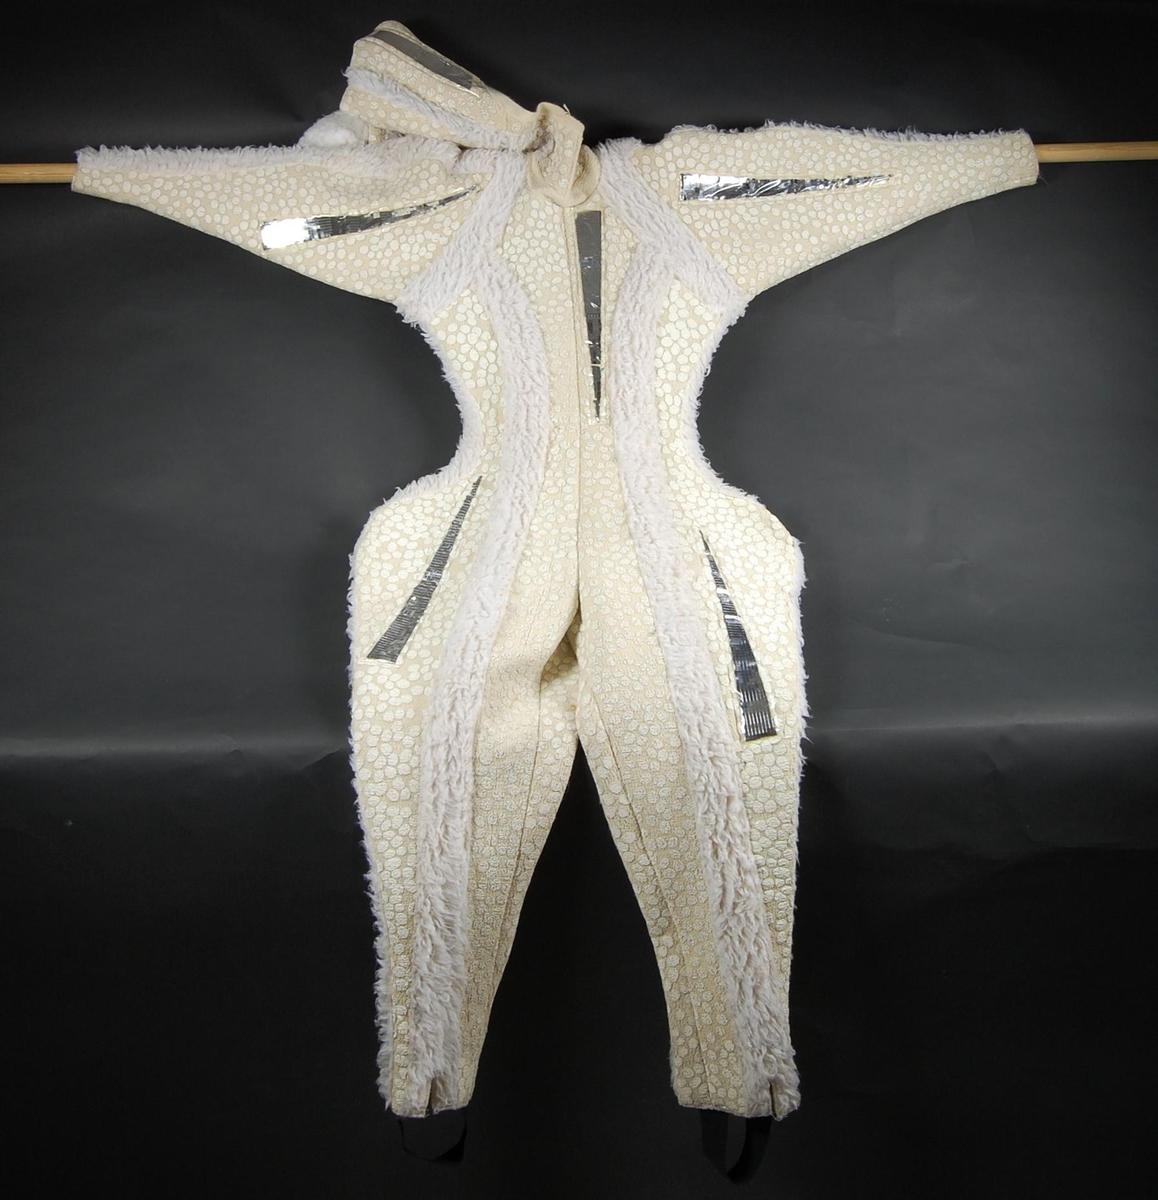 Hvit hel vettedrakt. Den er heldekkende for kropp og hode. Hetten har dusk. Det er sølvfargert dekor på dressen.